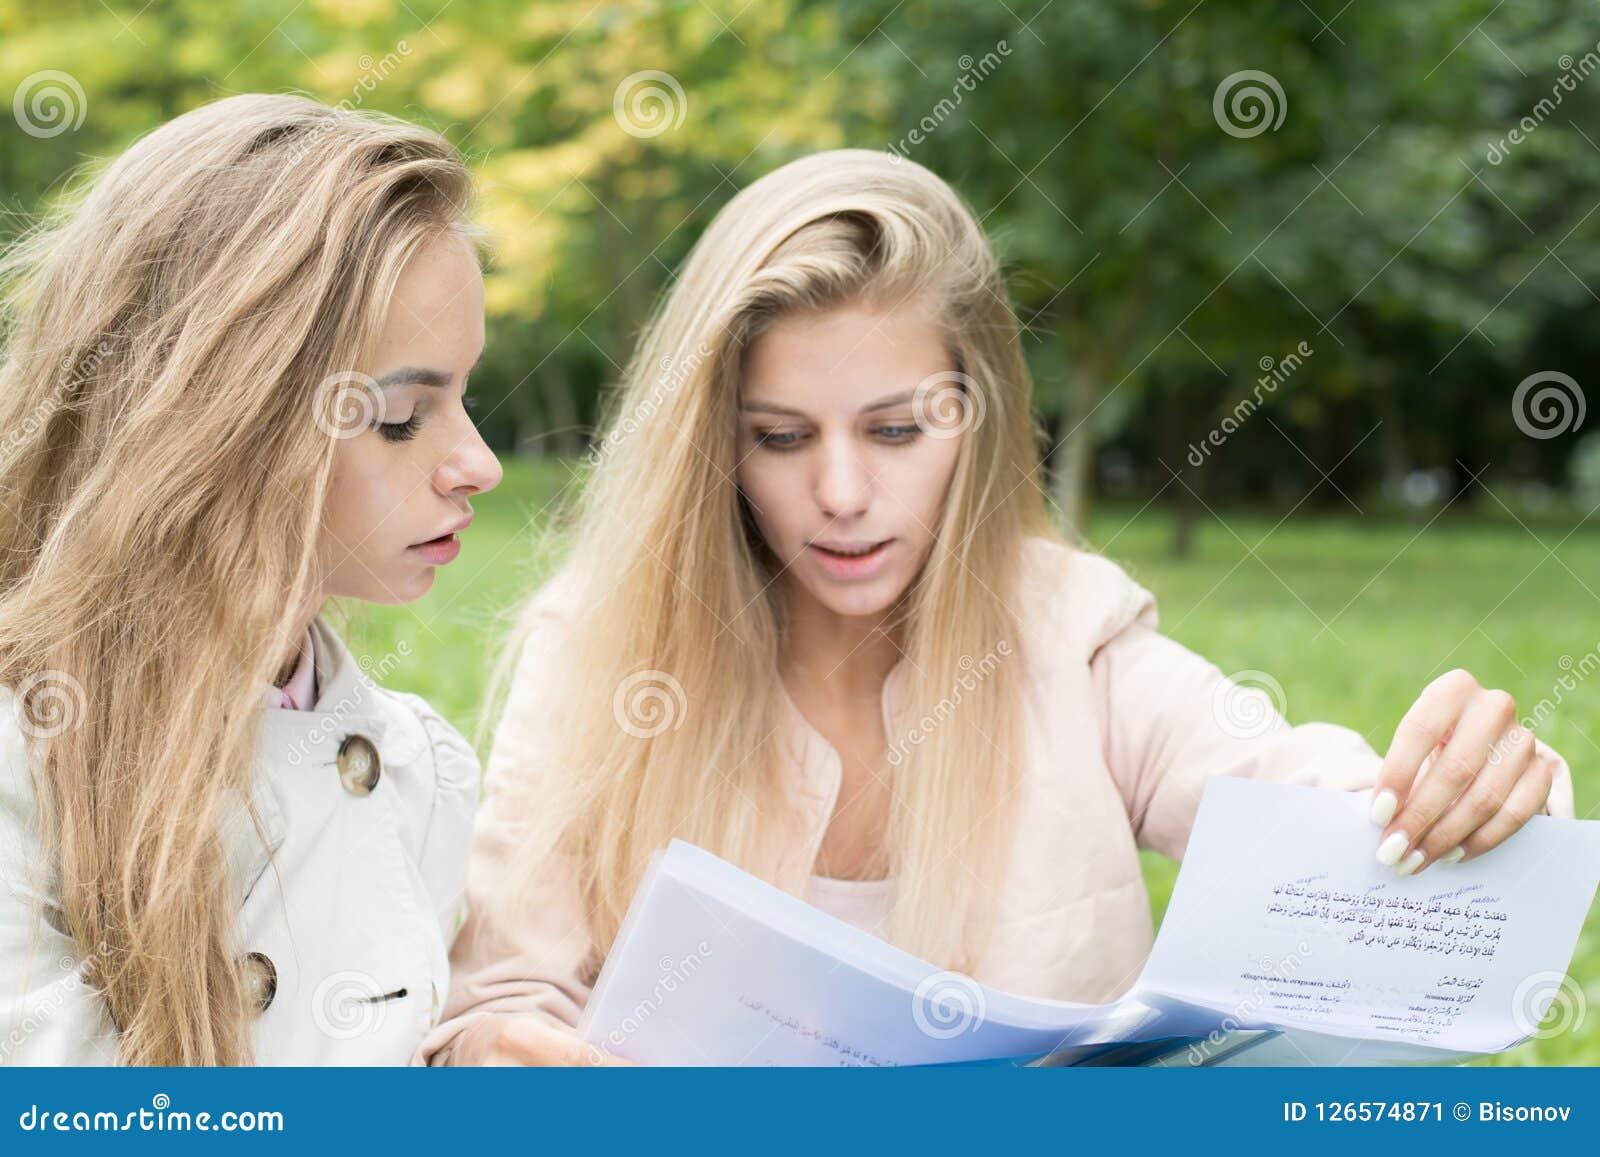 Студентке работа девушке работа за границей девушке высокооплачиваемая